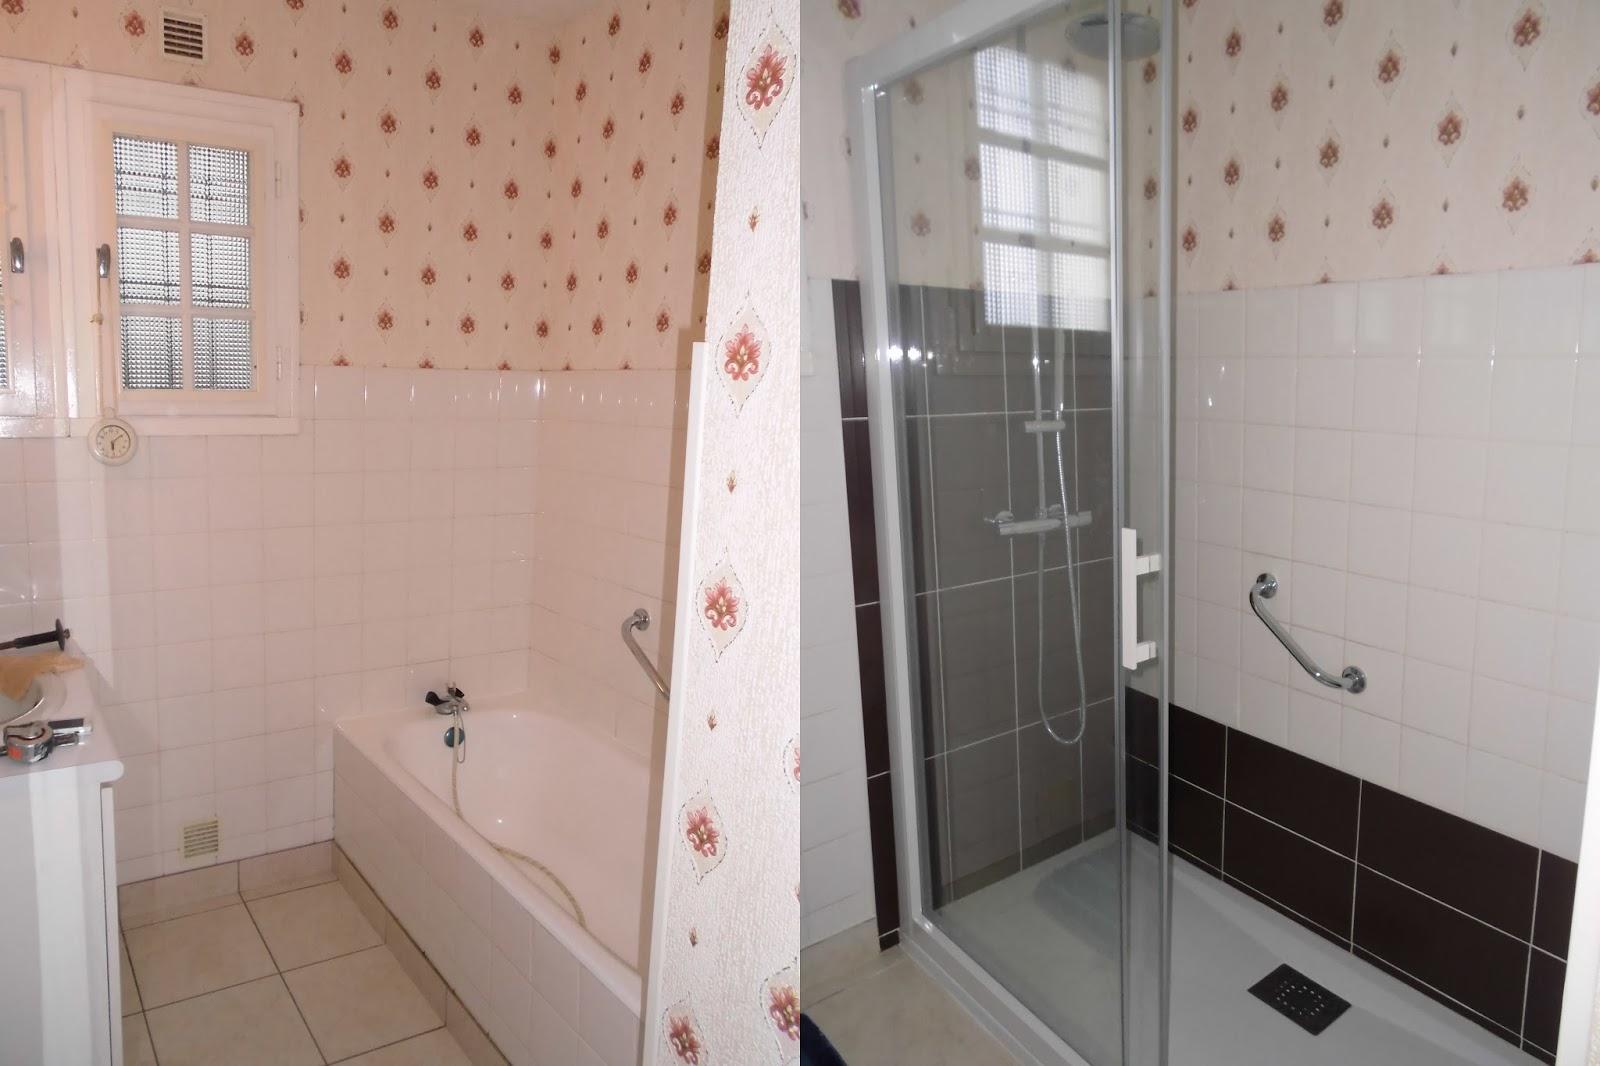 decoration salle de bain 2 salle de bain michel le coz agencement d coration 2 jpg ukbix. Black Bedroom Furniture Sets. Home Design Ideas